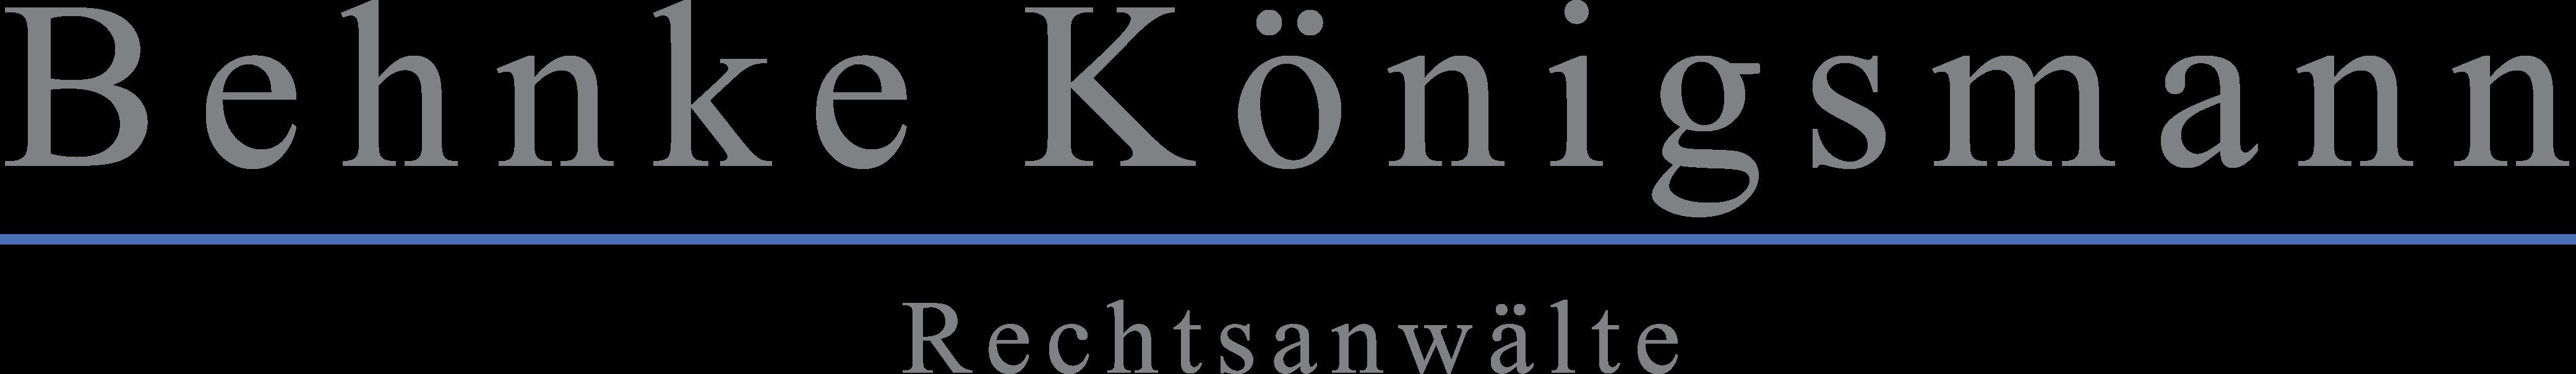 Behnke Königsmann Burscheid · Wirtschaftsprüfer · Steuerberater · Rechtsanwälte